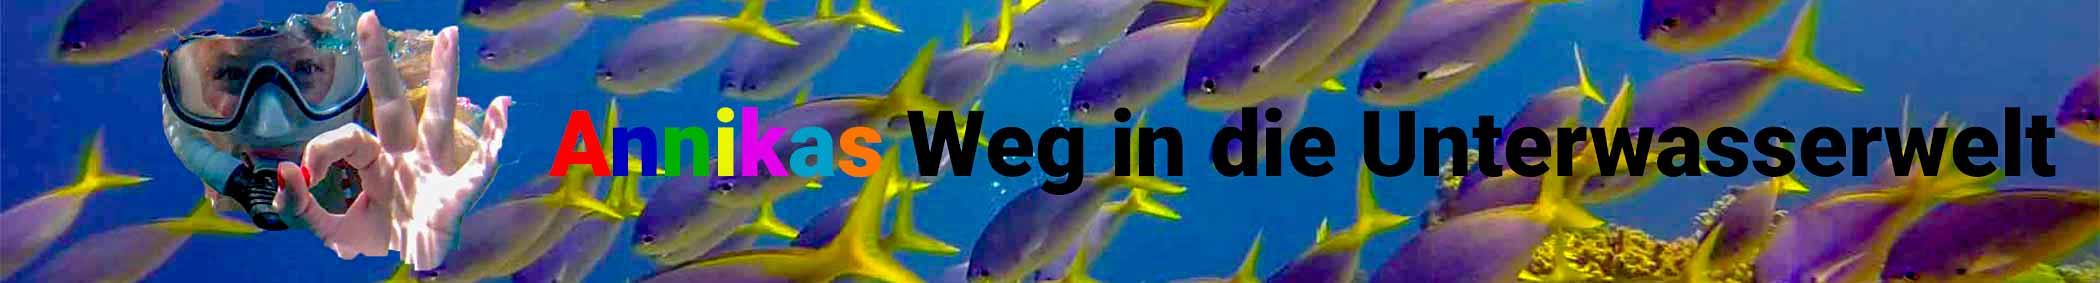 Annikas Weg in die Unterwasserwelt Banner